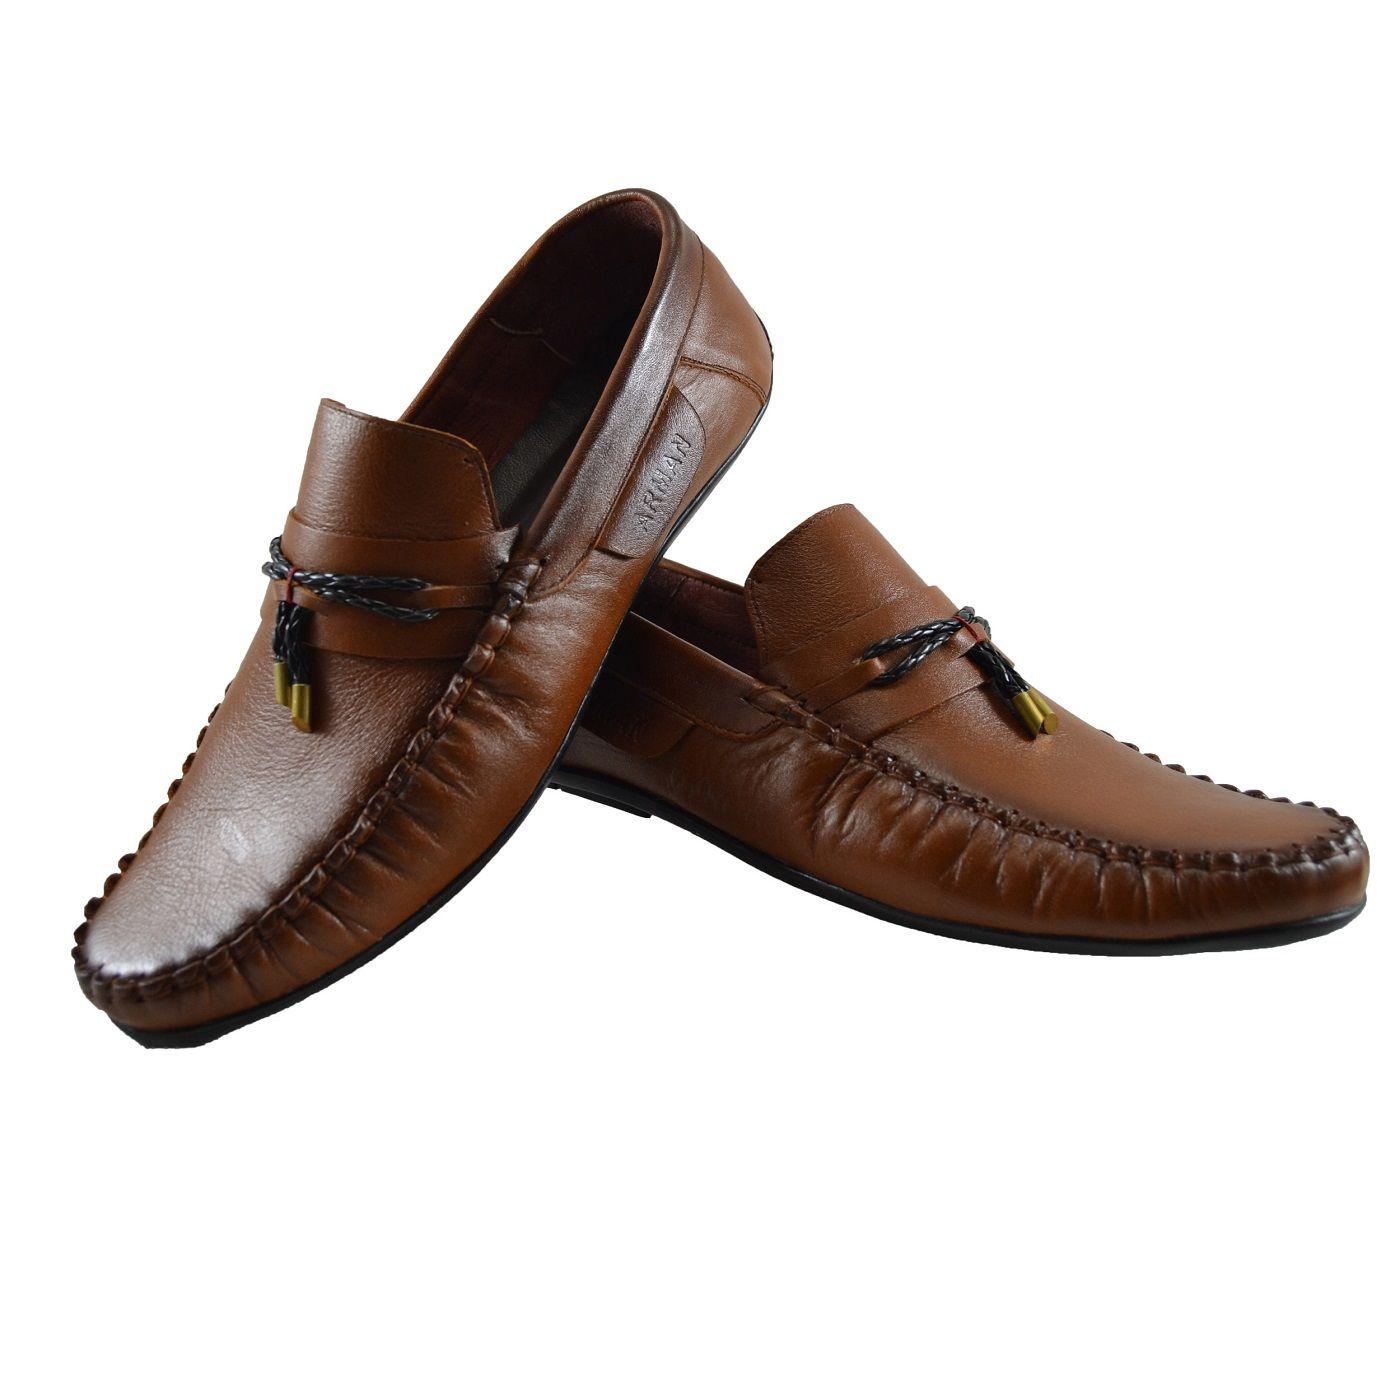 کفش روزمره مردانه کد 279 -  - 2